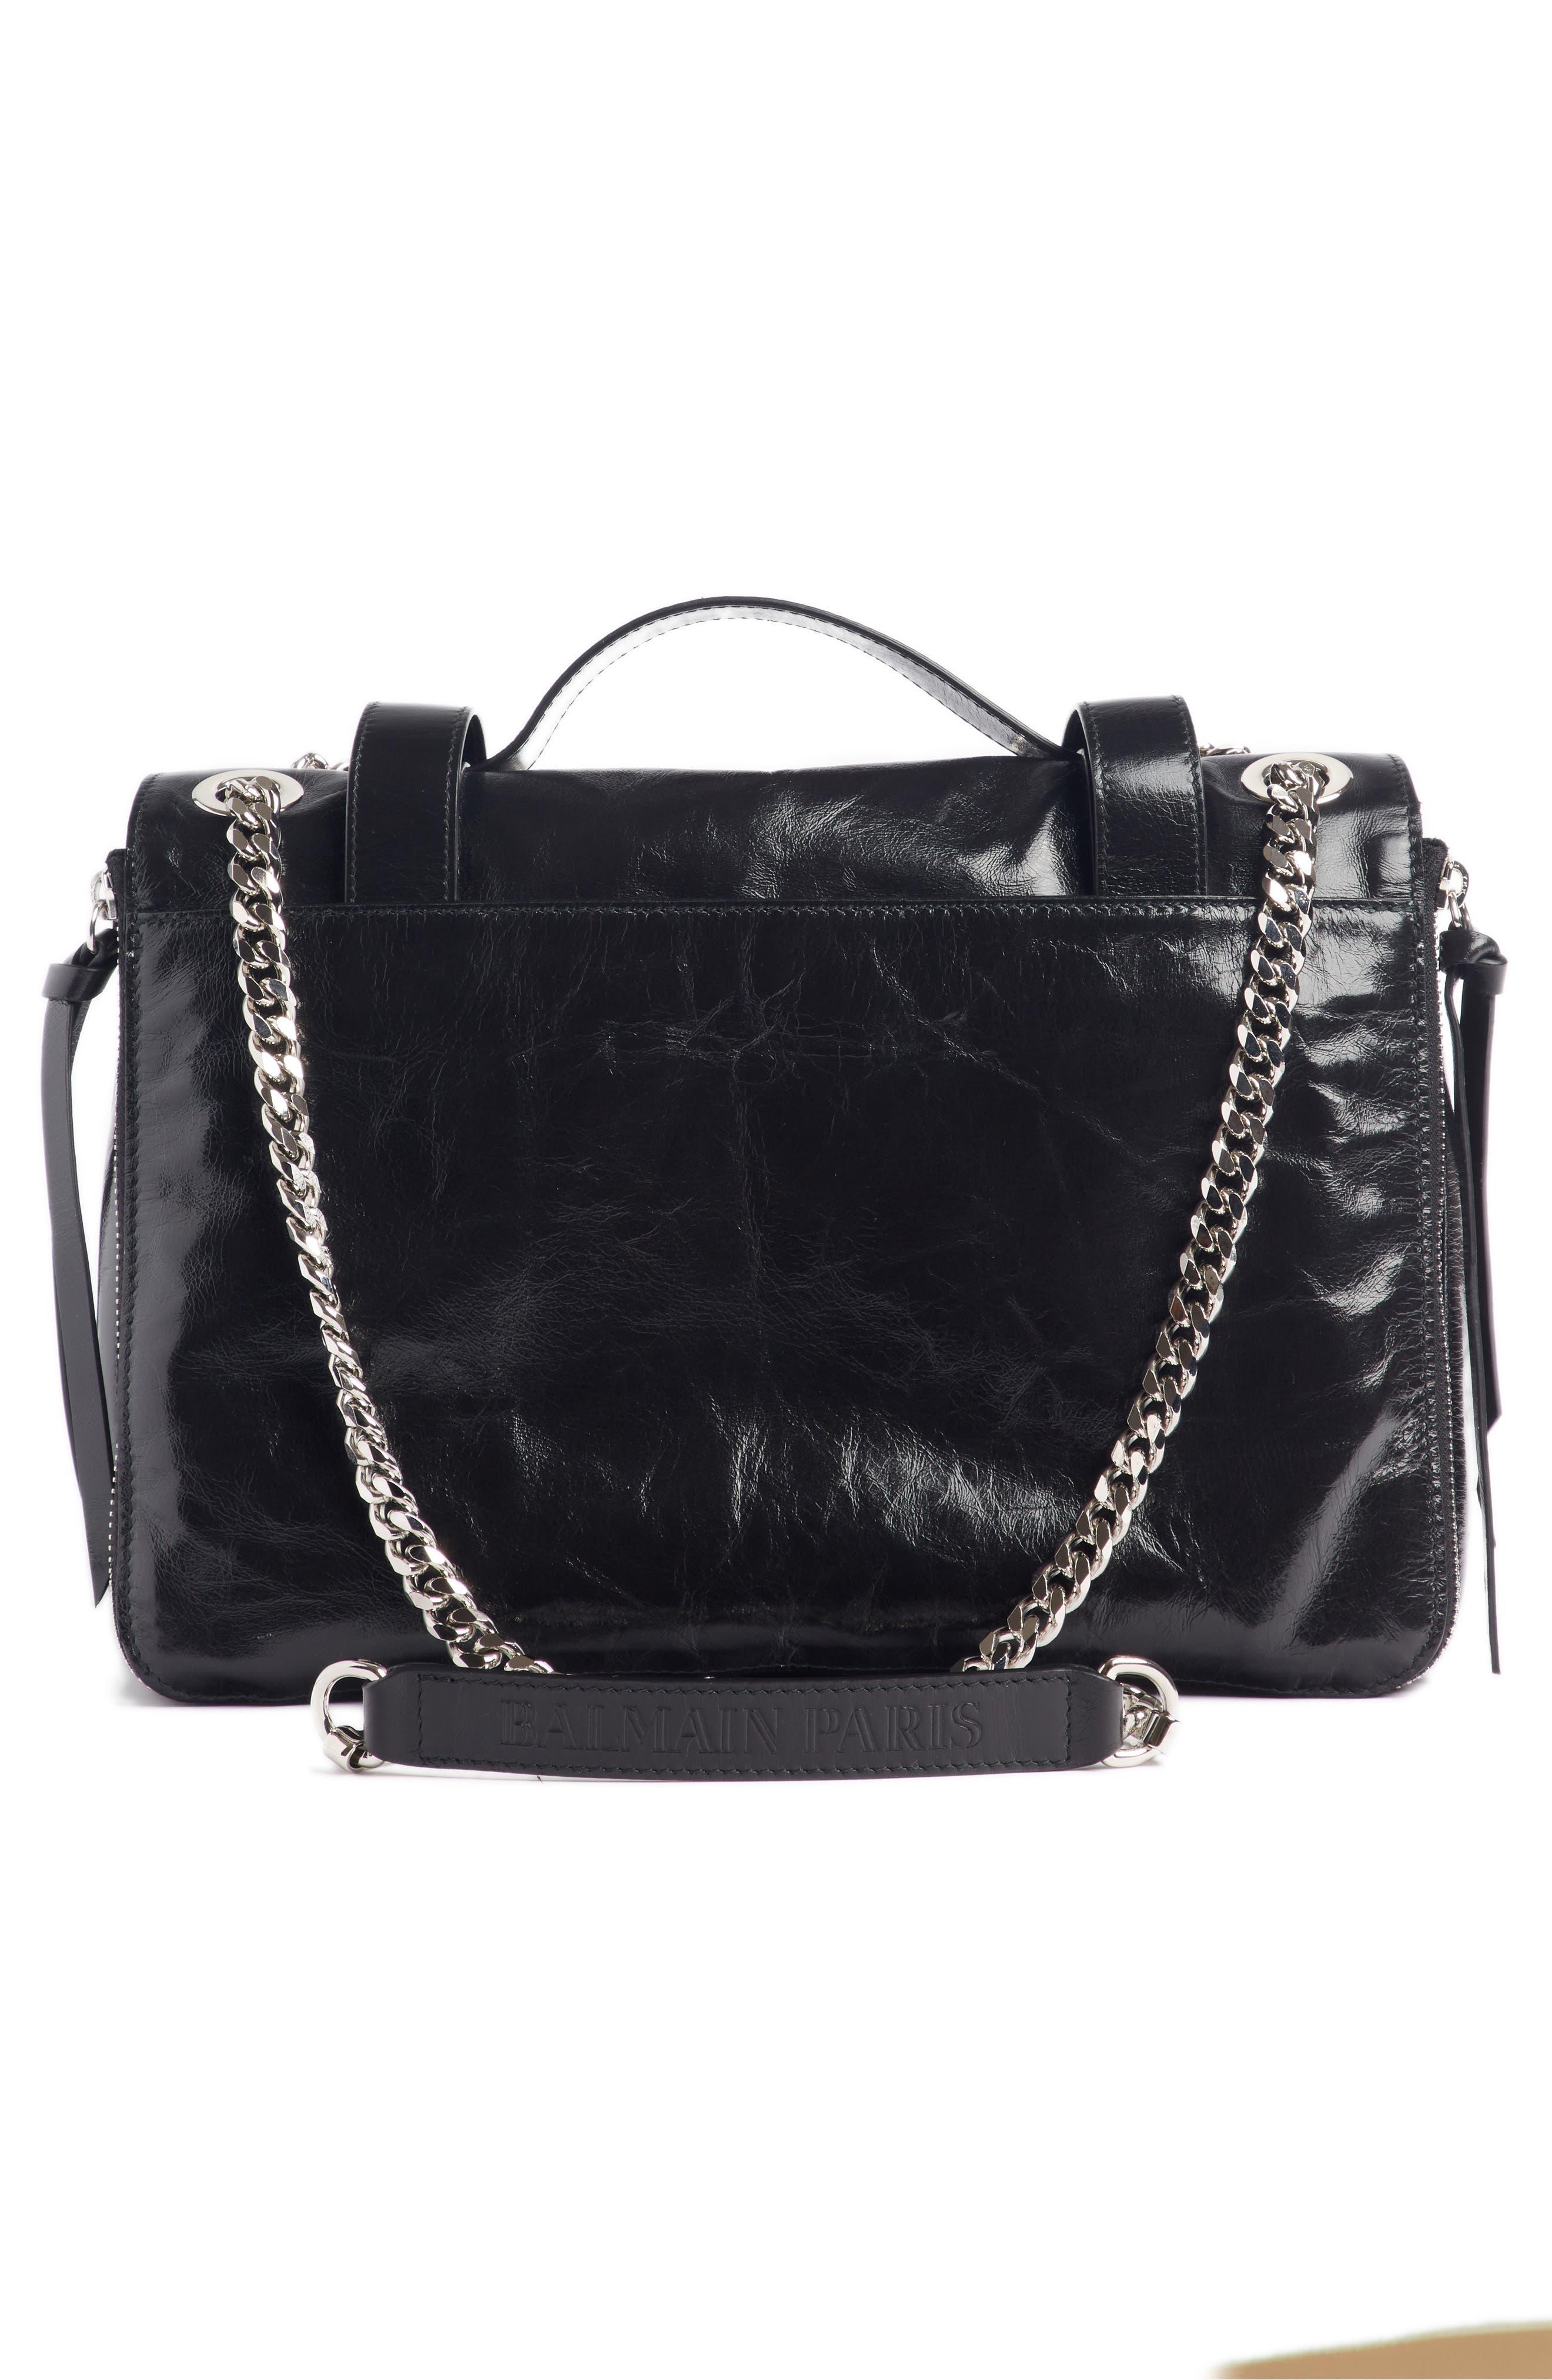 Studded Calfskin Leather Shoulder Bag,                             Alternate thumbnail 3, color,                             001